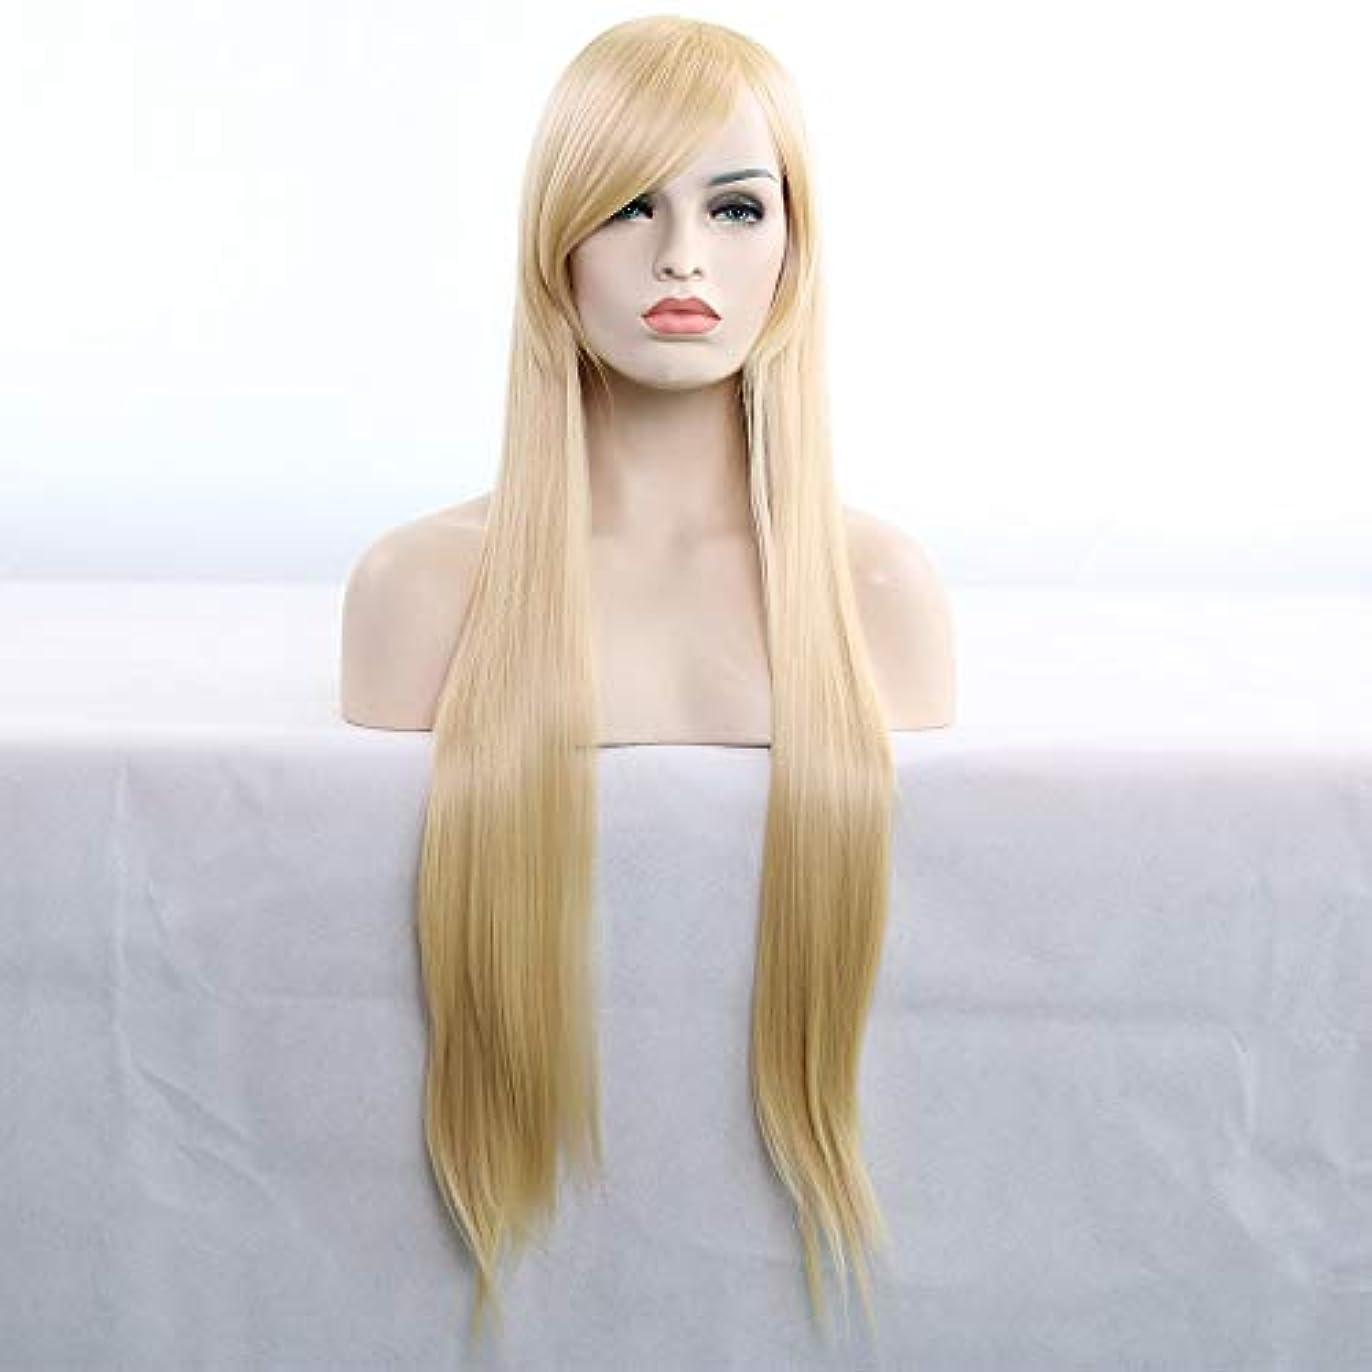 言う歌詞装置女性用ロングナチュラルストレートヘアウィッグ31インチ人工毛替えウィッグハロウィンコスプレ衣装アニメパーティーウィッグ(ウィッグキャップ付き) (Color : Light gold)